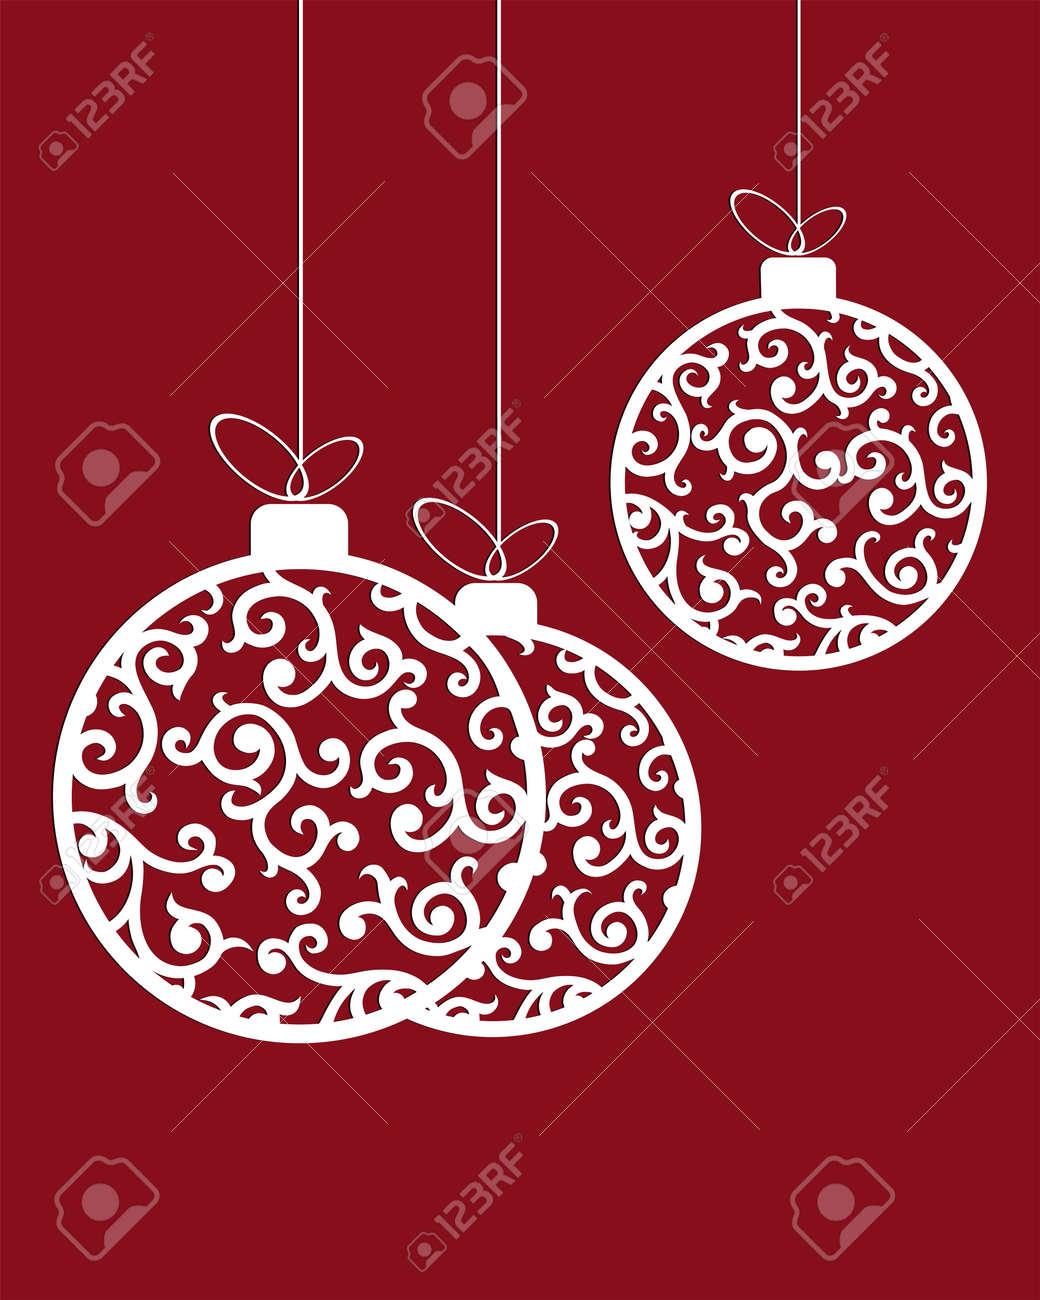 Immagini Di Palline Di Natale.Un Set Di Palline Di Natale Di Colore Bianco Riempito Di Modelli In Stile Retro